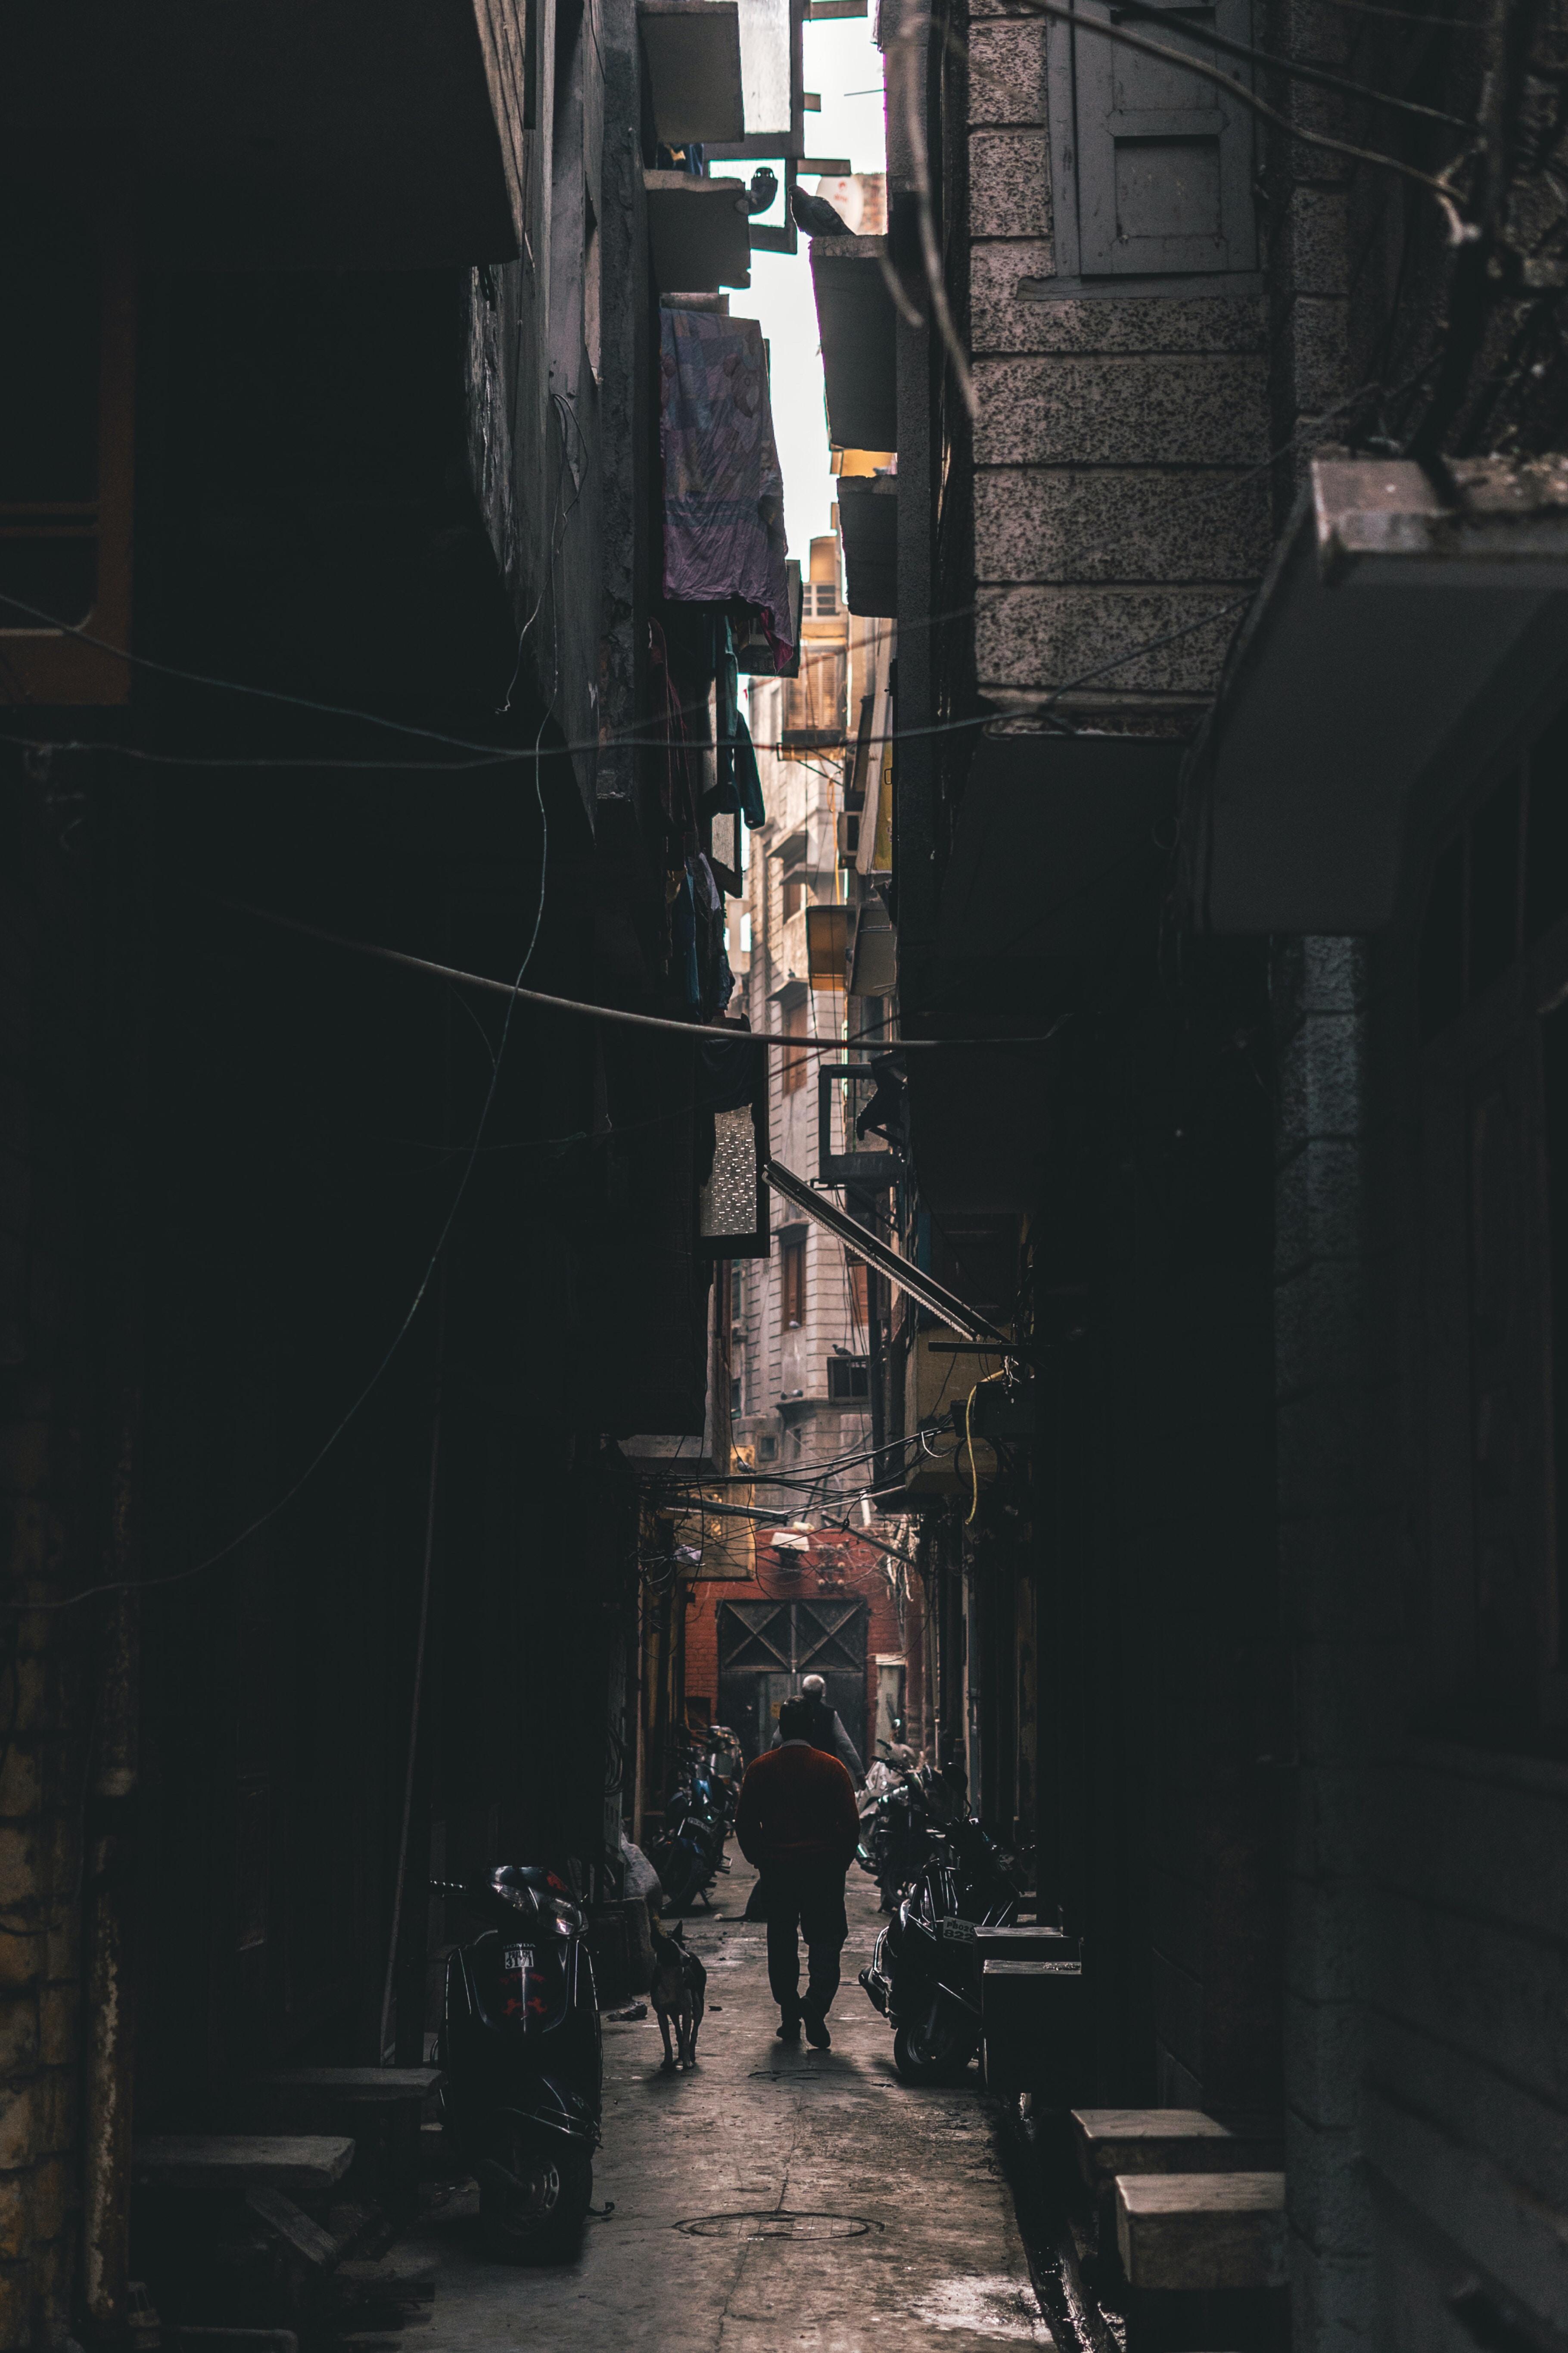 man walking beside dog between buildings